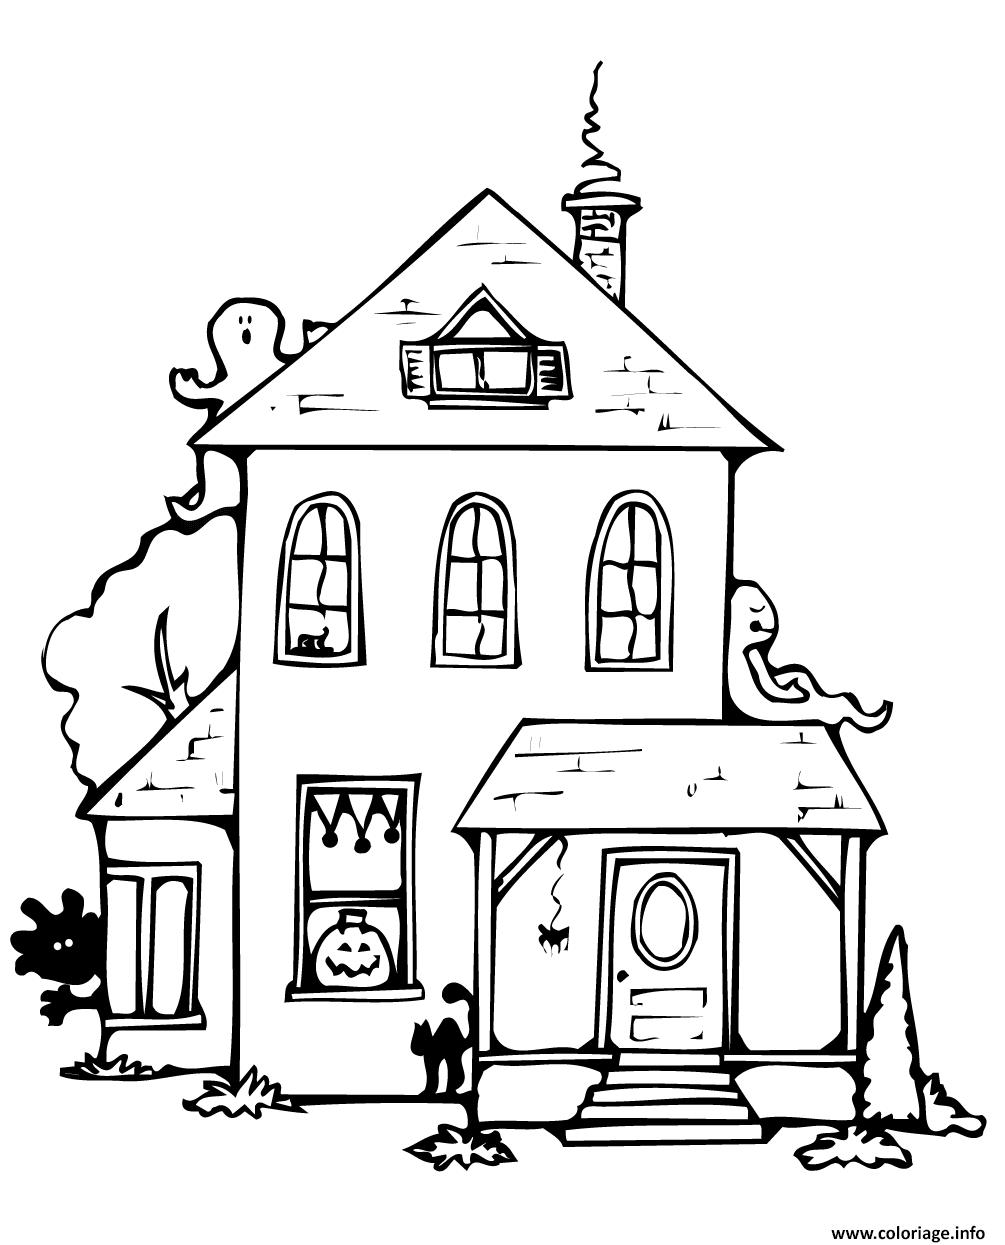 Coloriage Maison Hantee Halloween Avec Fantomes Citrouille